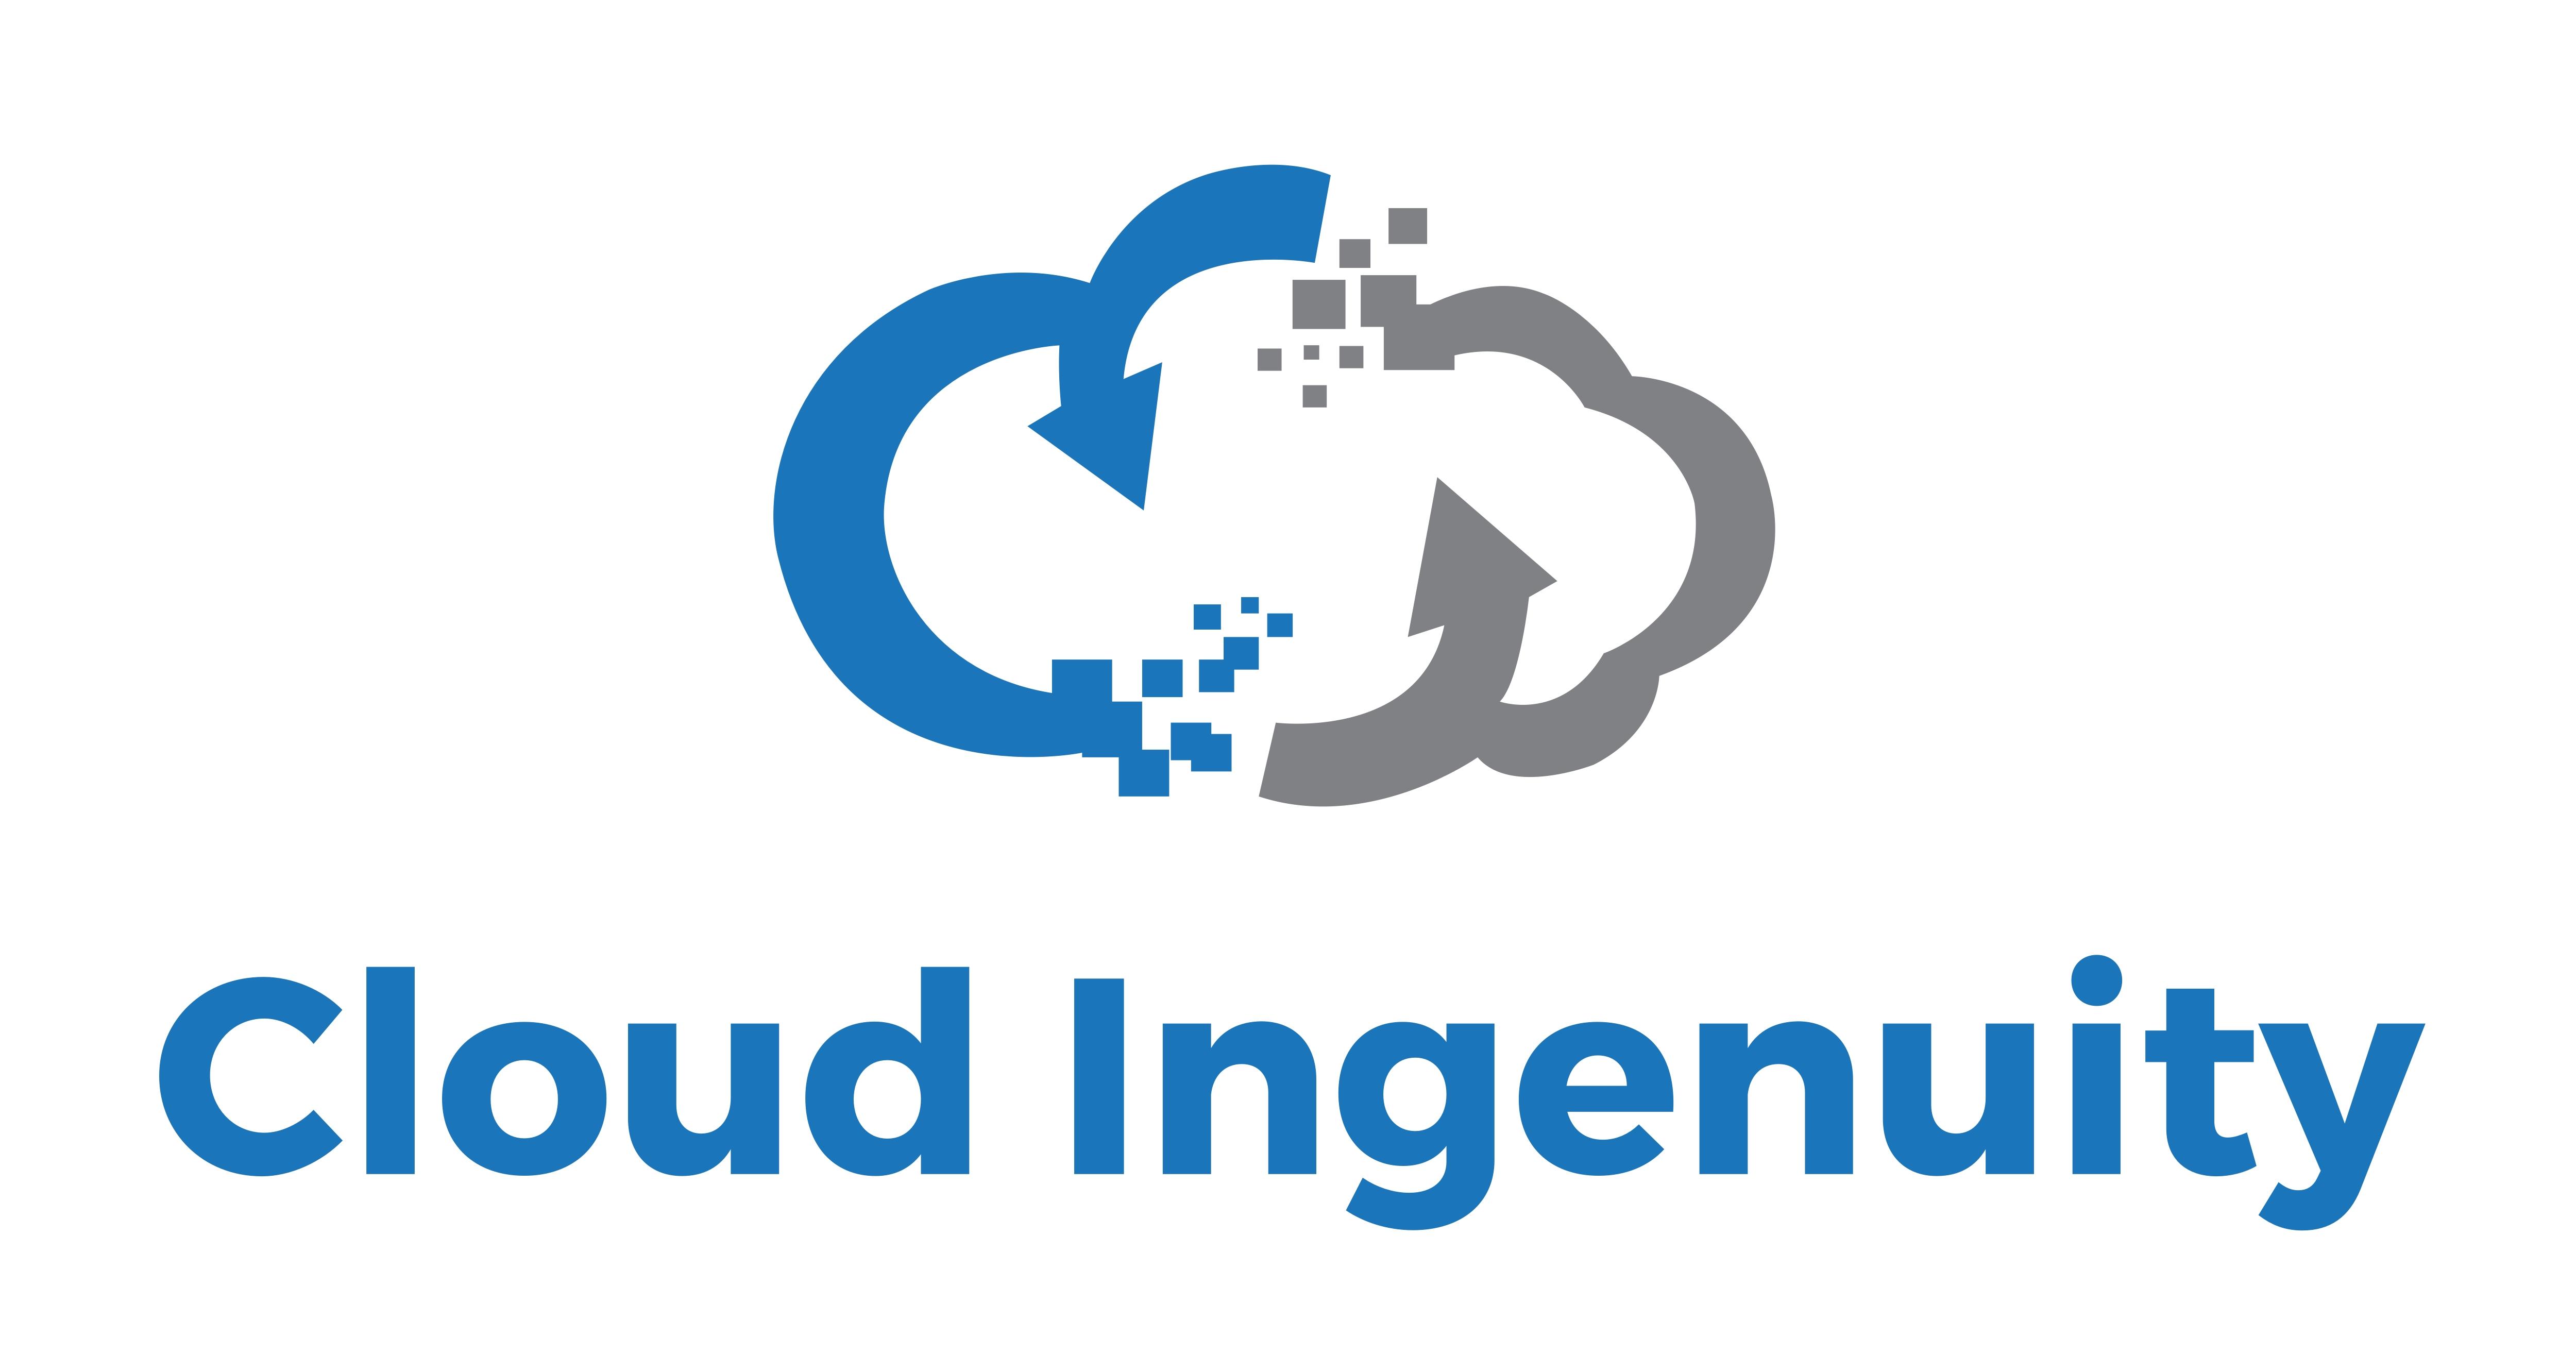 Cloud Ingenuity